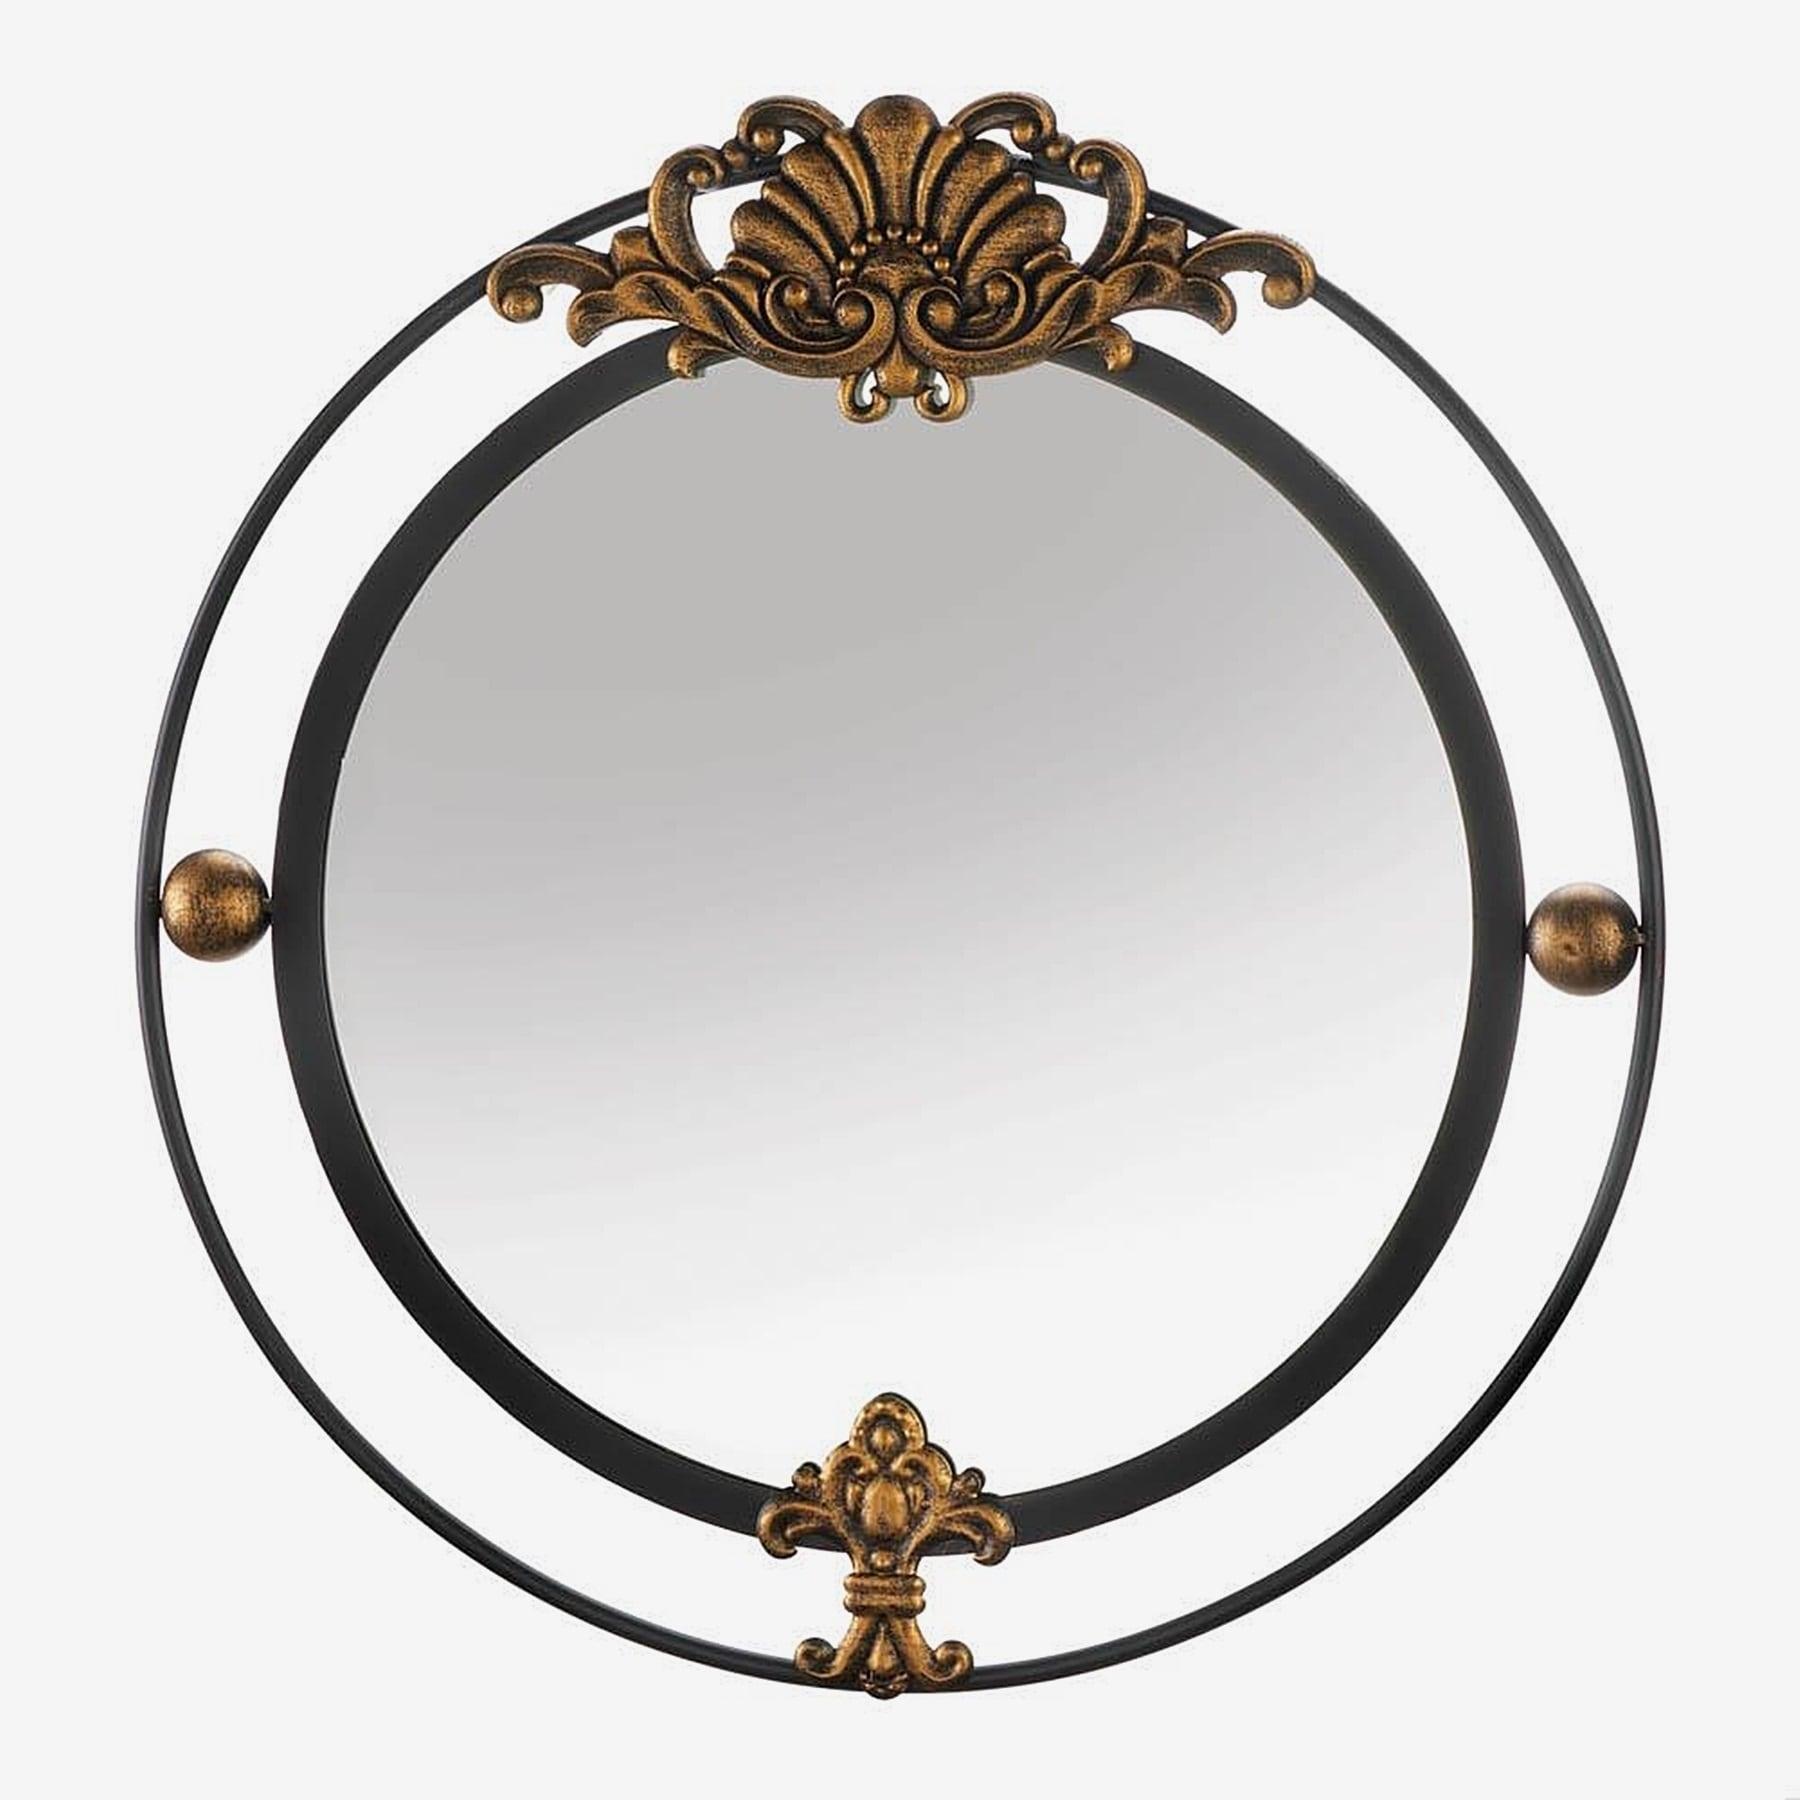 Garfield Decorative Round Wall Mirror Black Gold